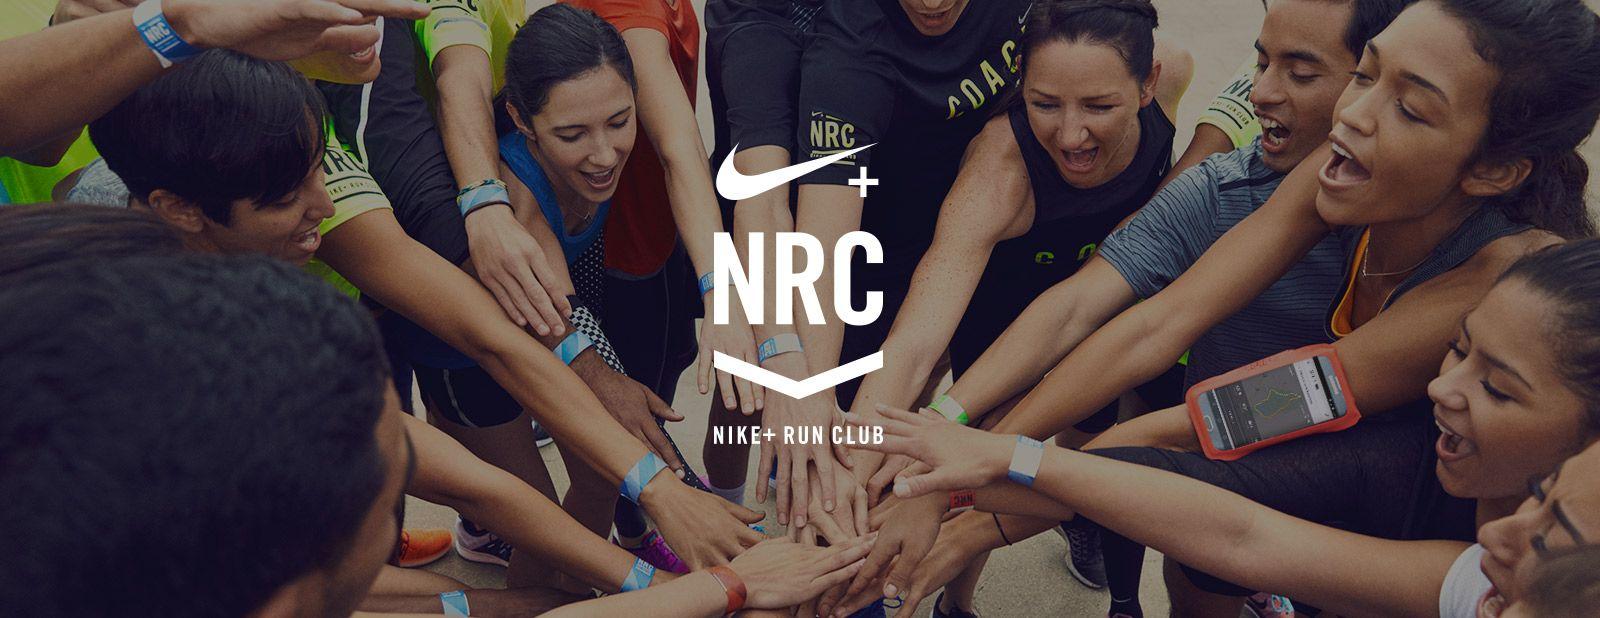 تطبيق Nike + Run Club الرياضي متاح الآن على ساعات أندرويد